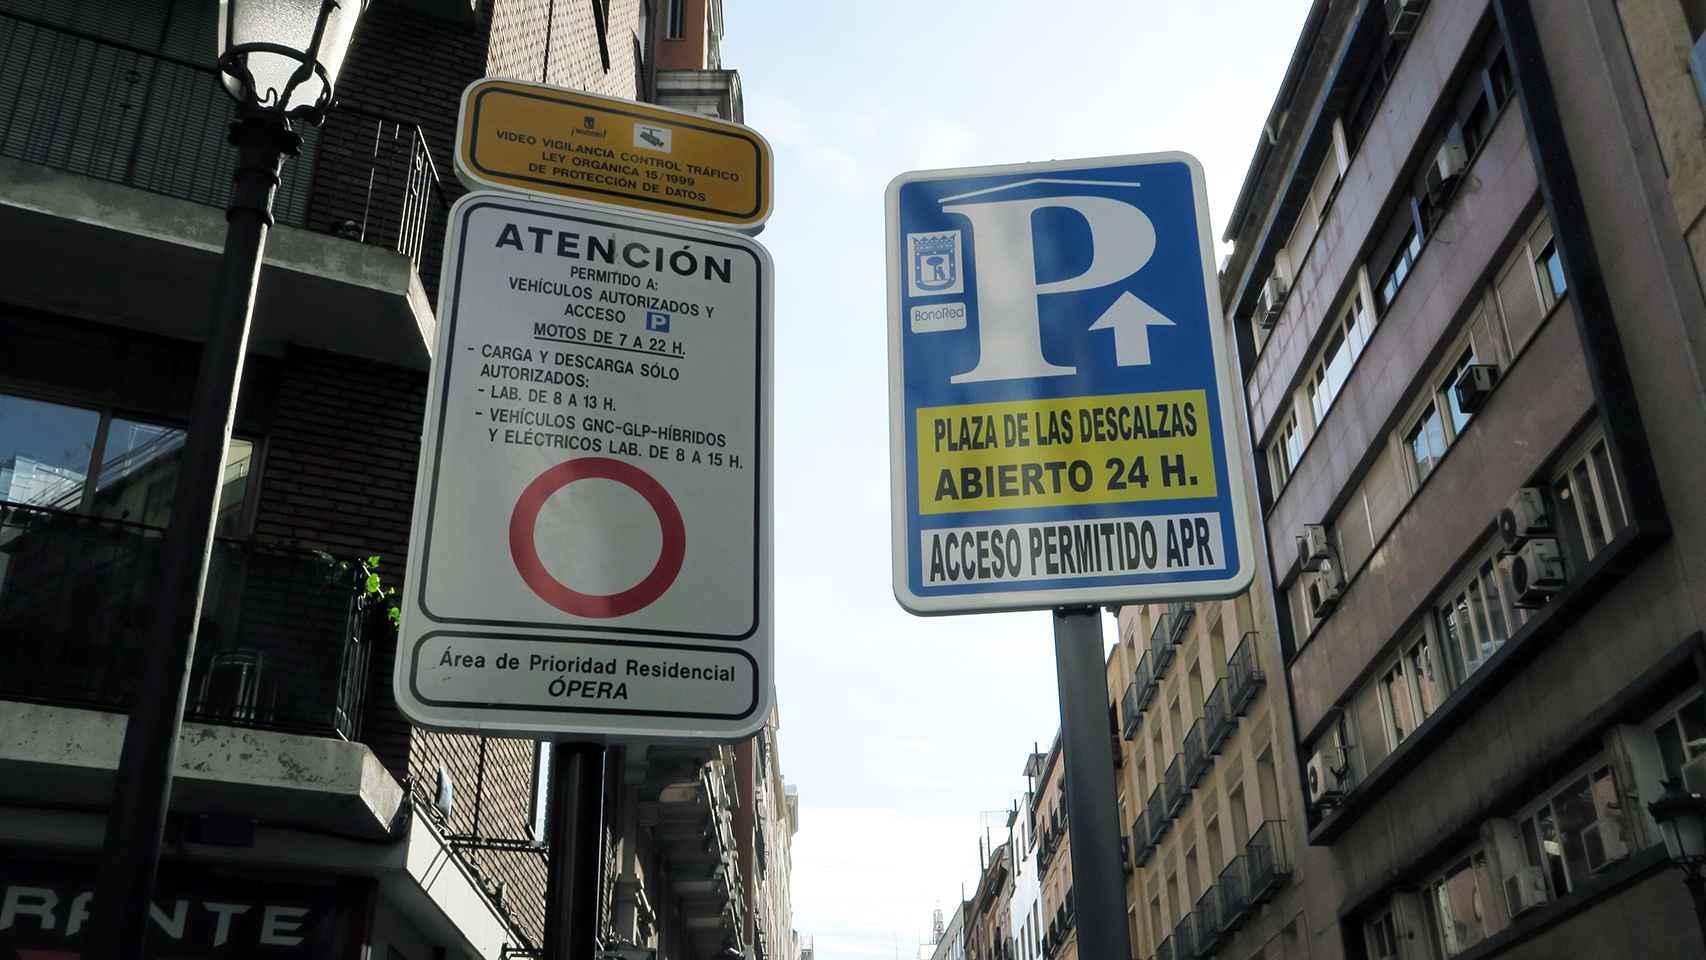 La nueva señal instalada en la calle Leganitos 24 en Madrid